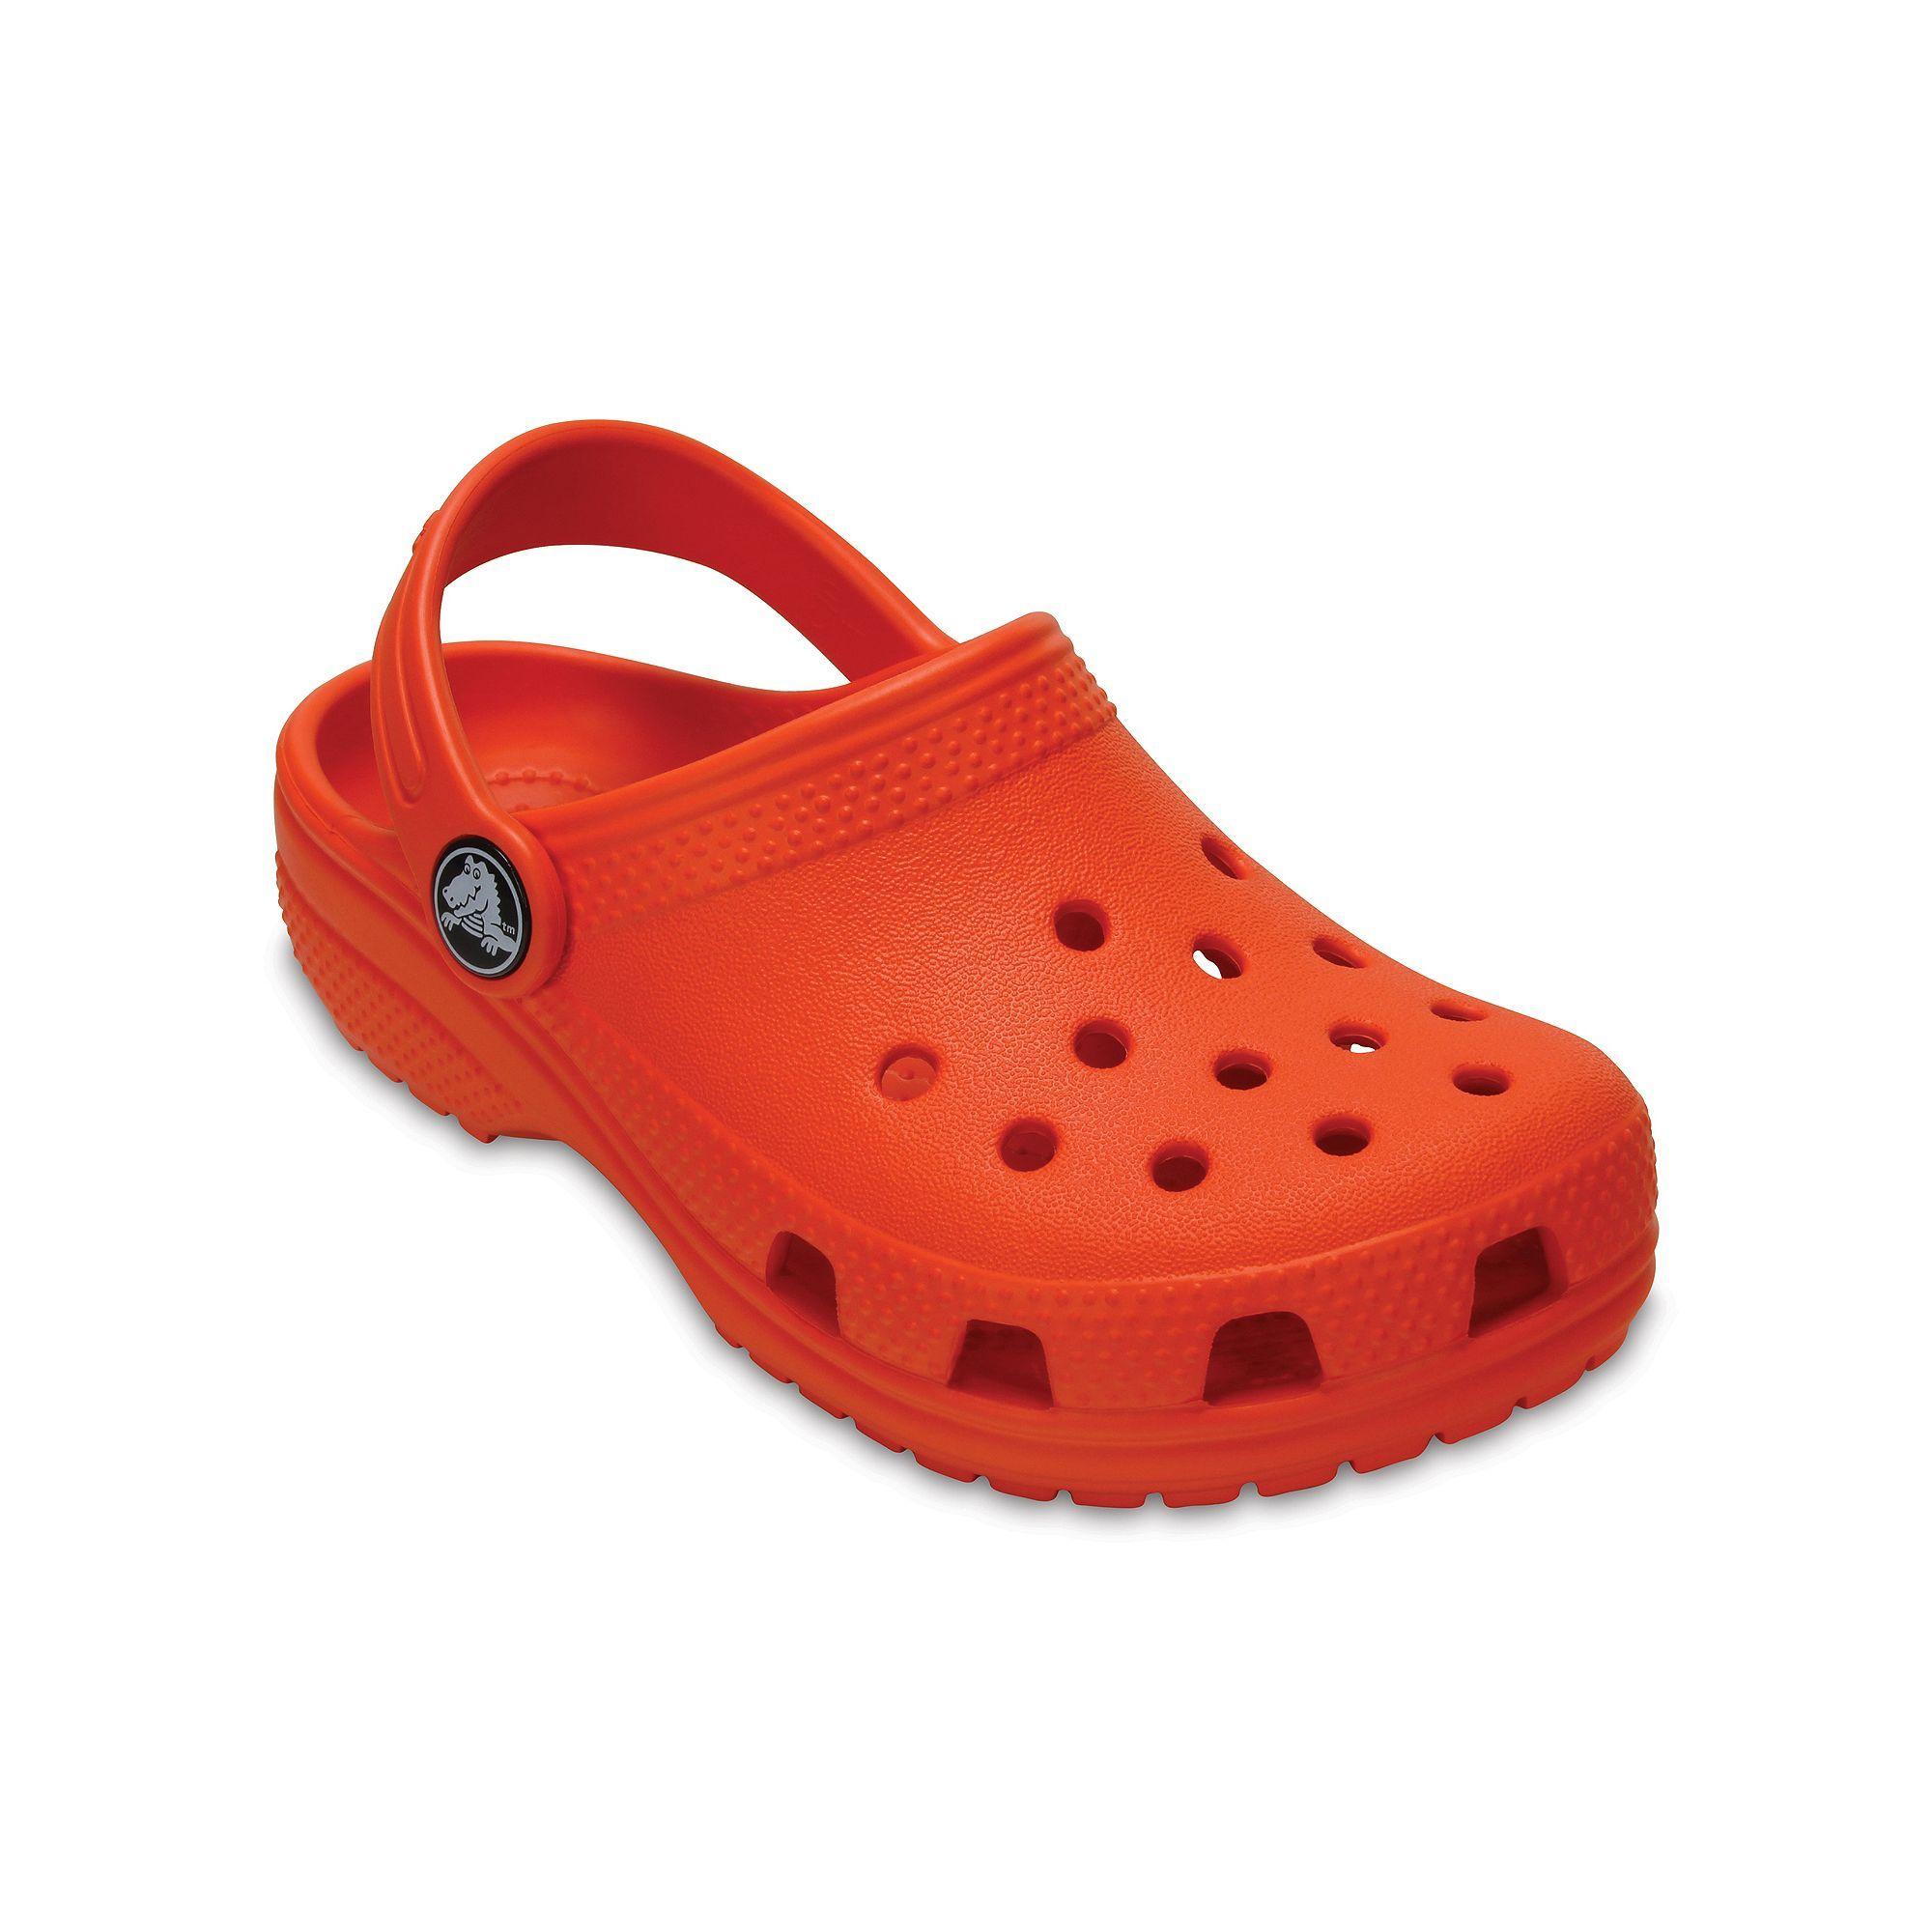 f75d9f9d0 Crocs Classic Kid s Clogs